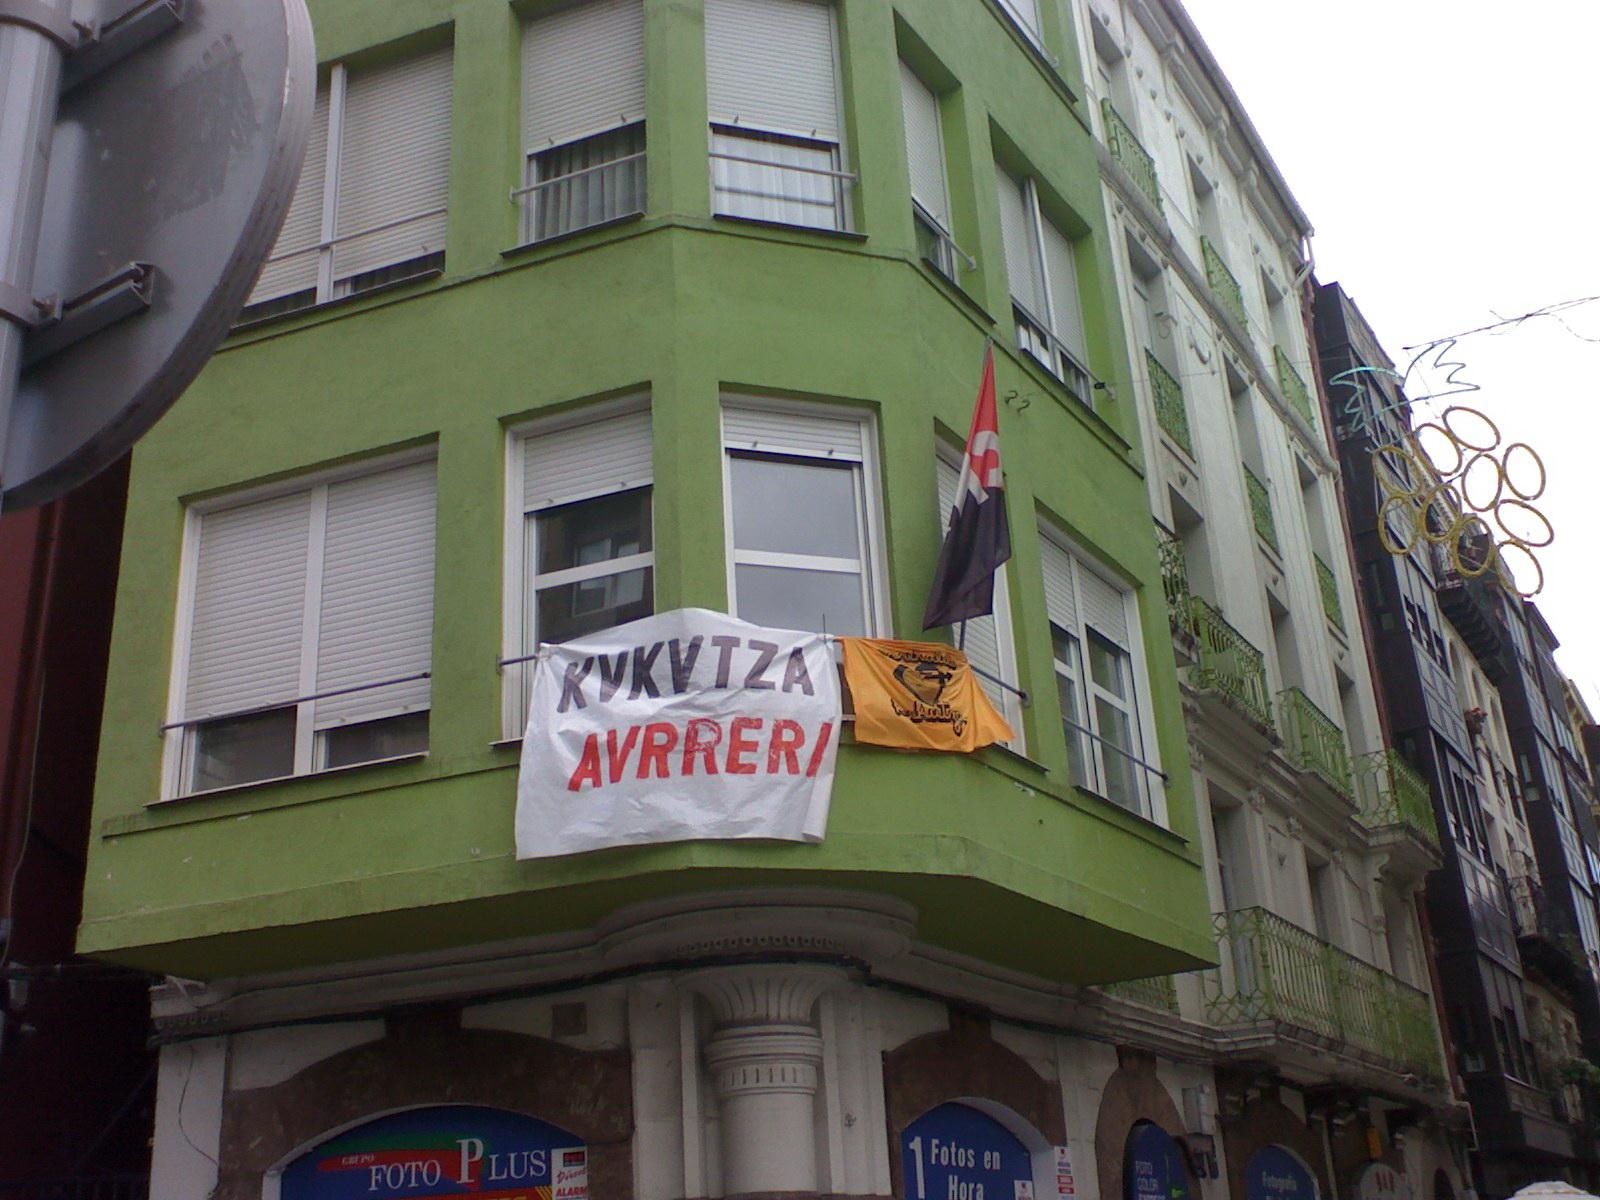 CNT in Bilbao